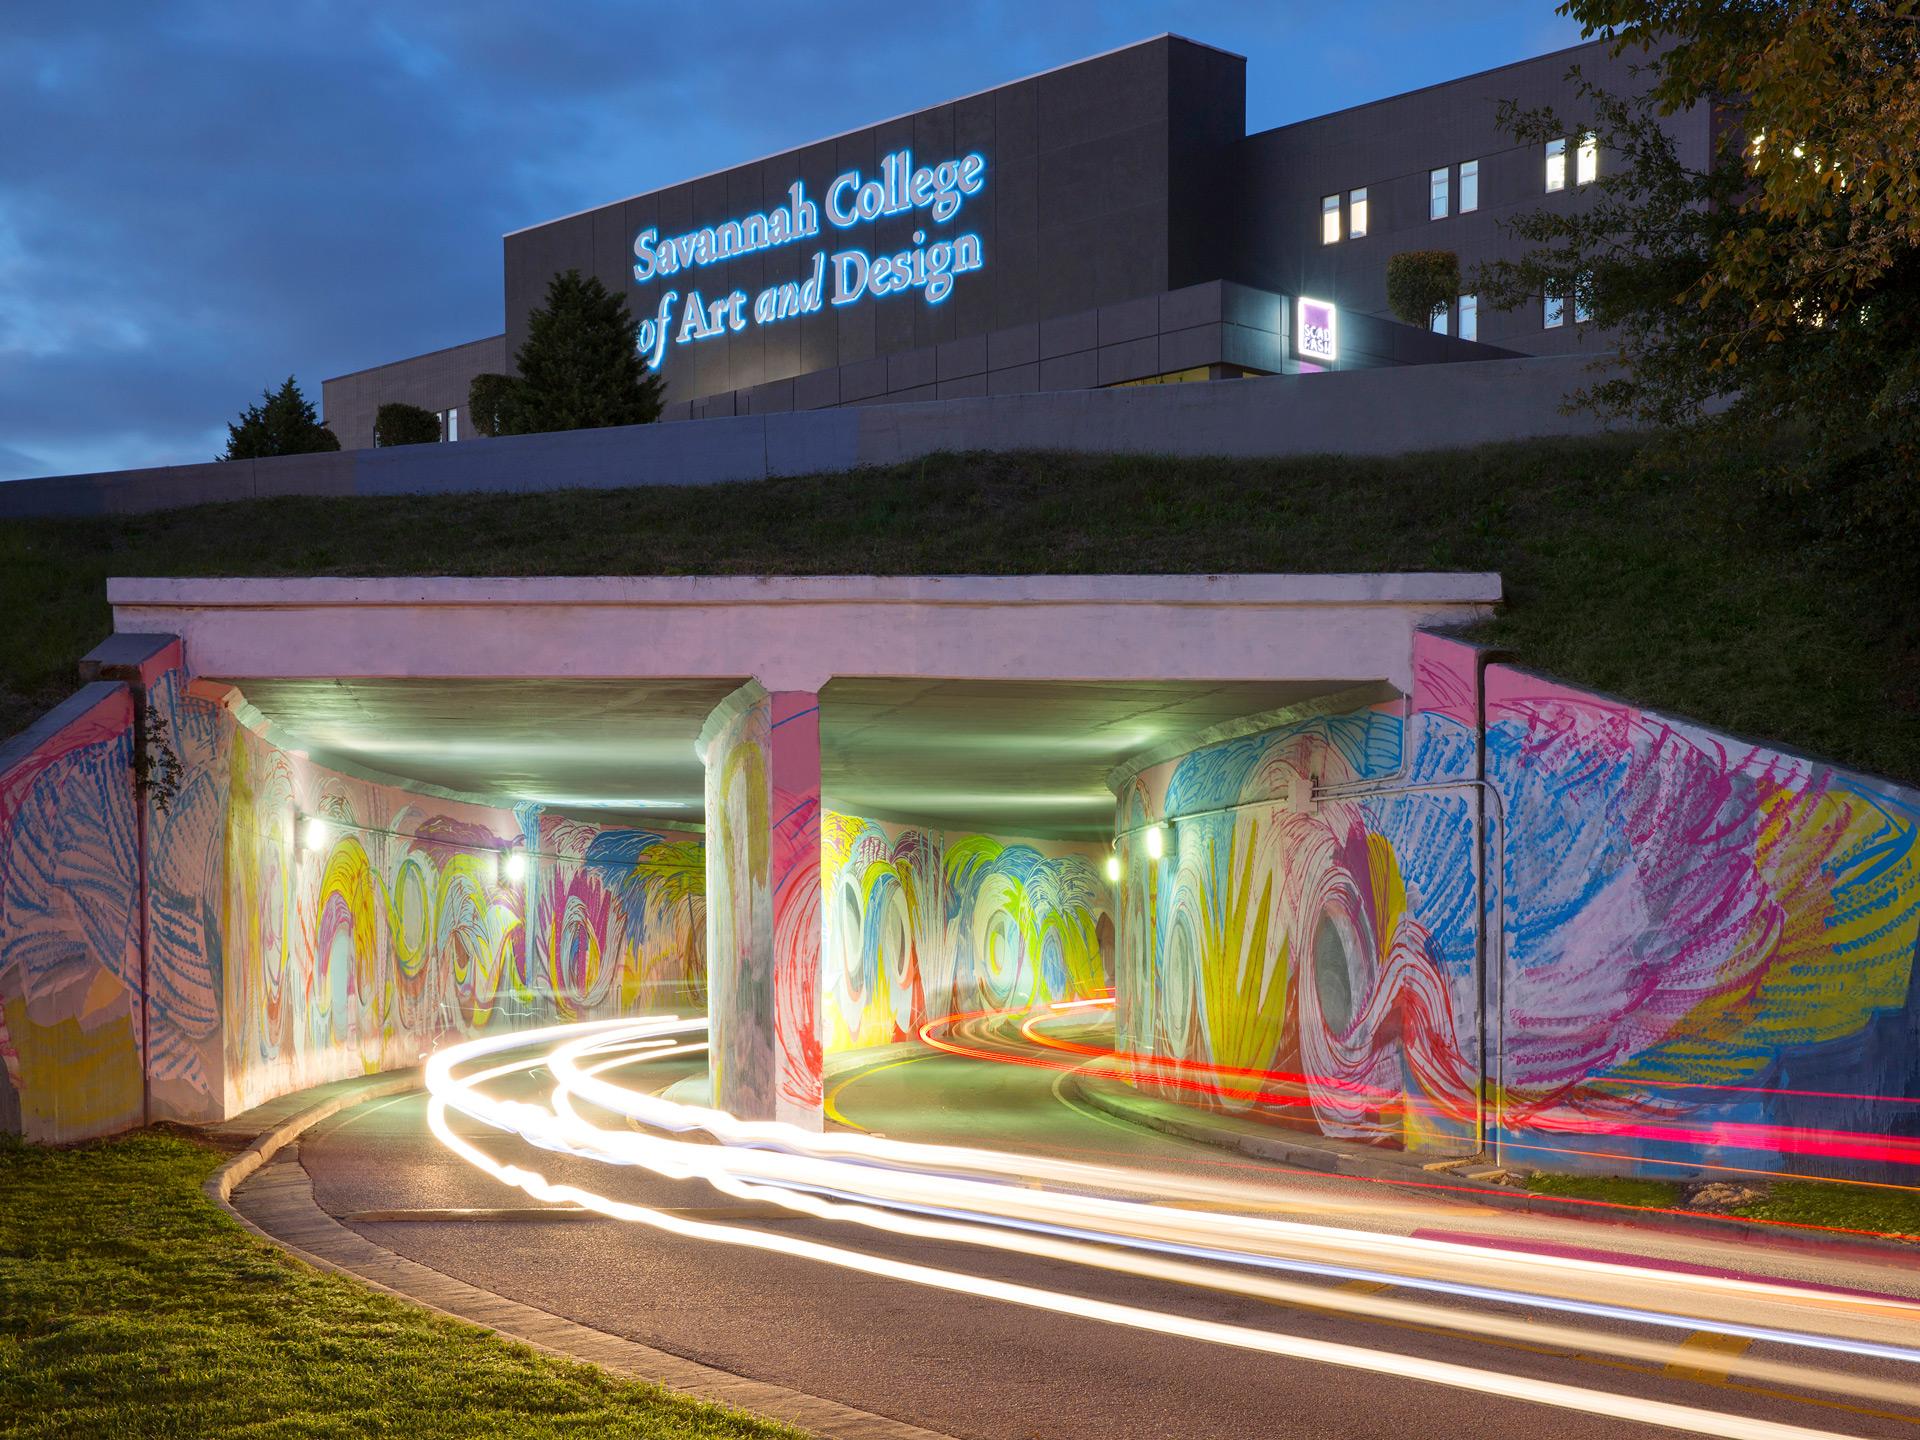 scad atlanta savannah college campus university schools edu resources ga artistic most programs 1600 locations